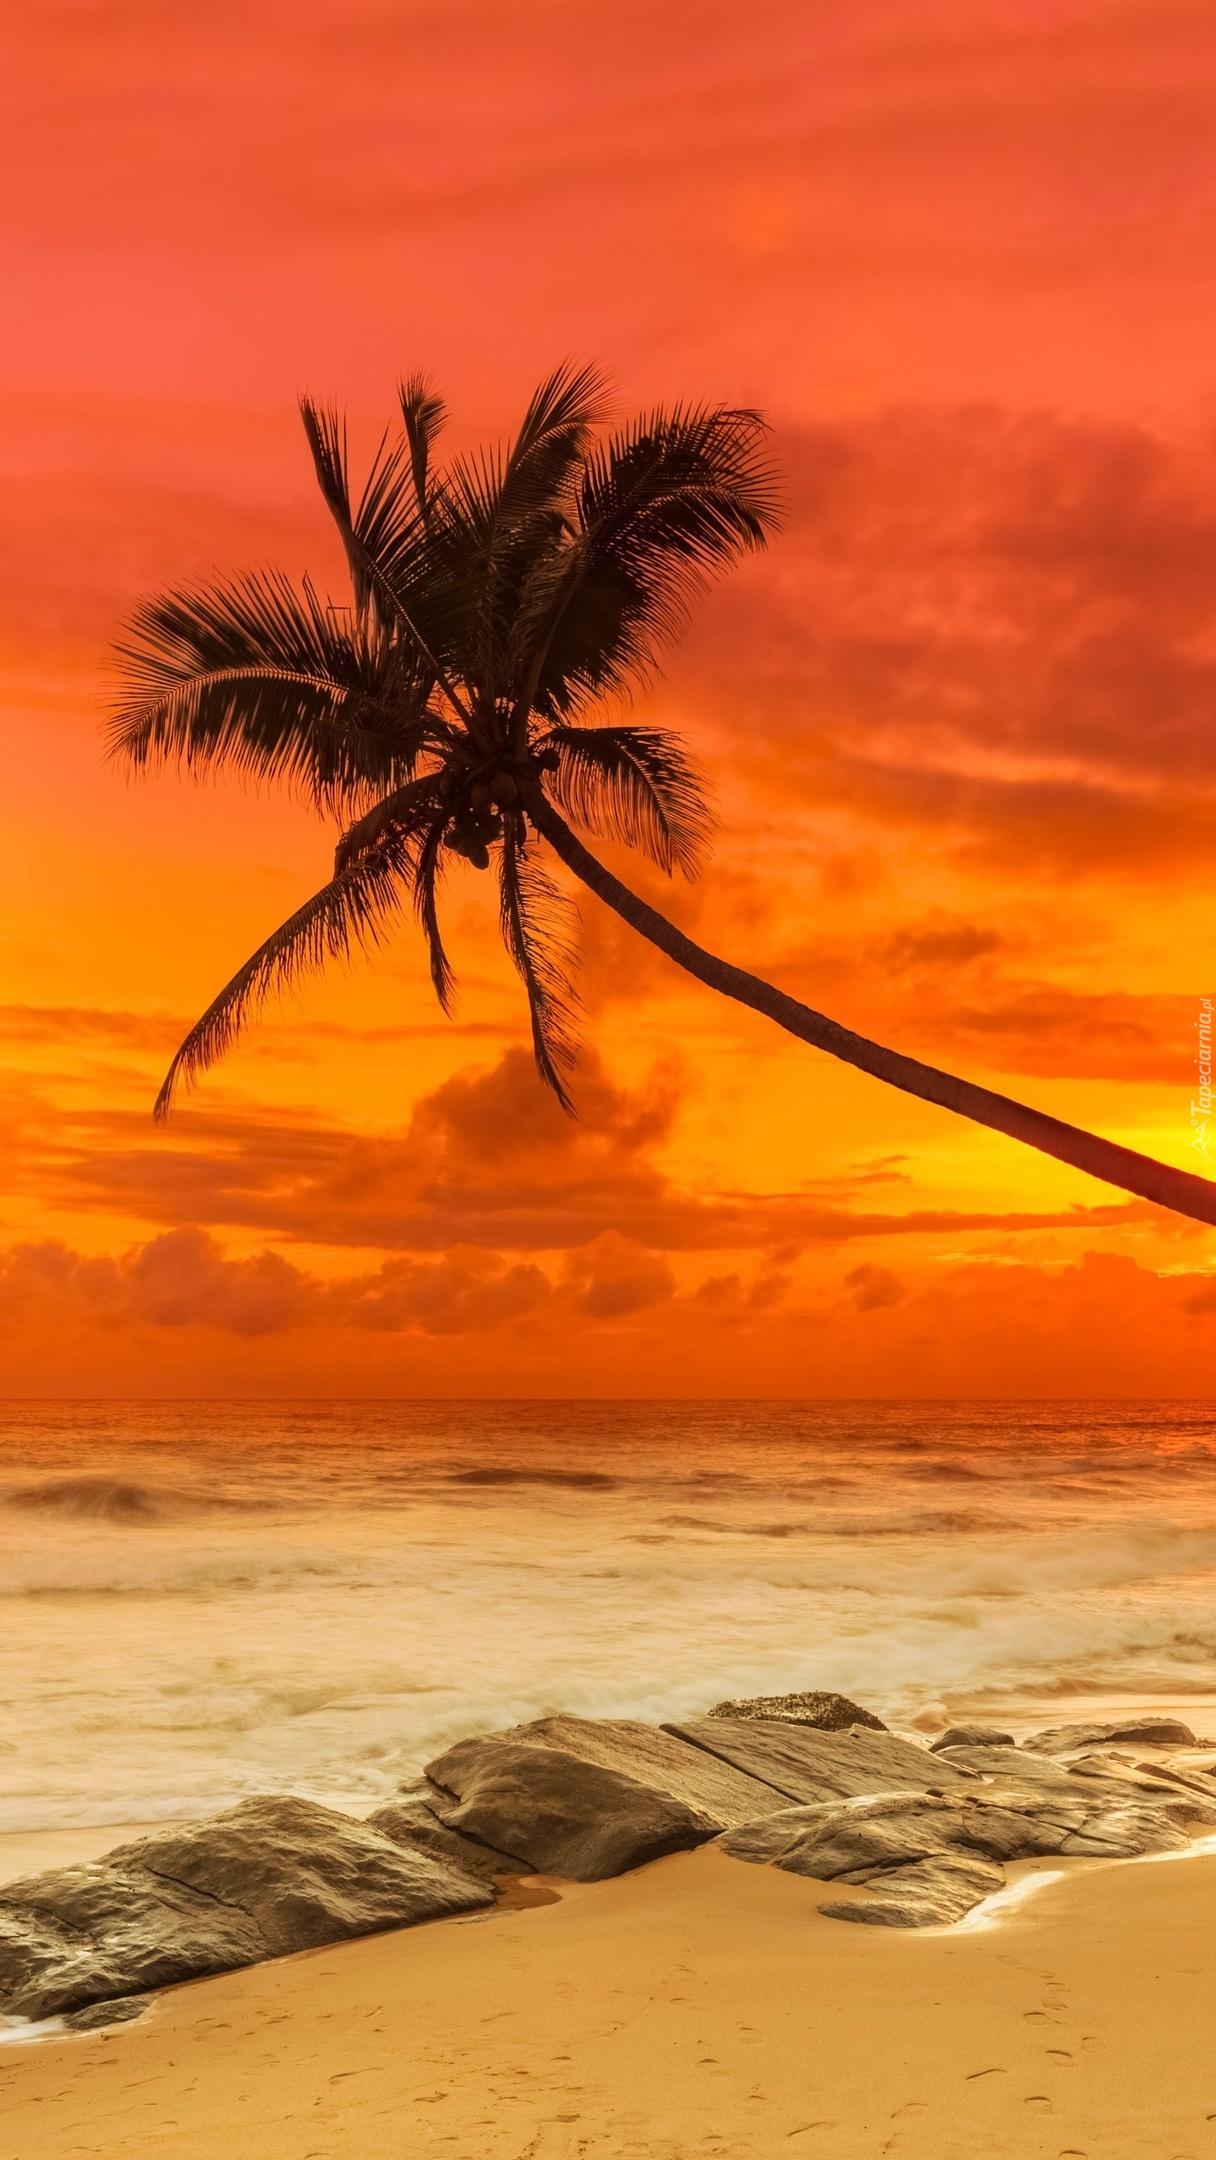 Pochylona palma nad morzem